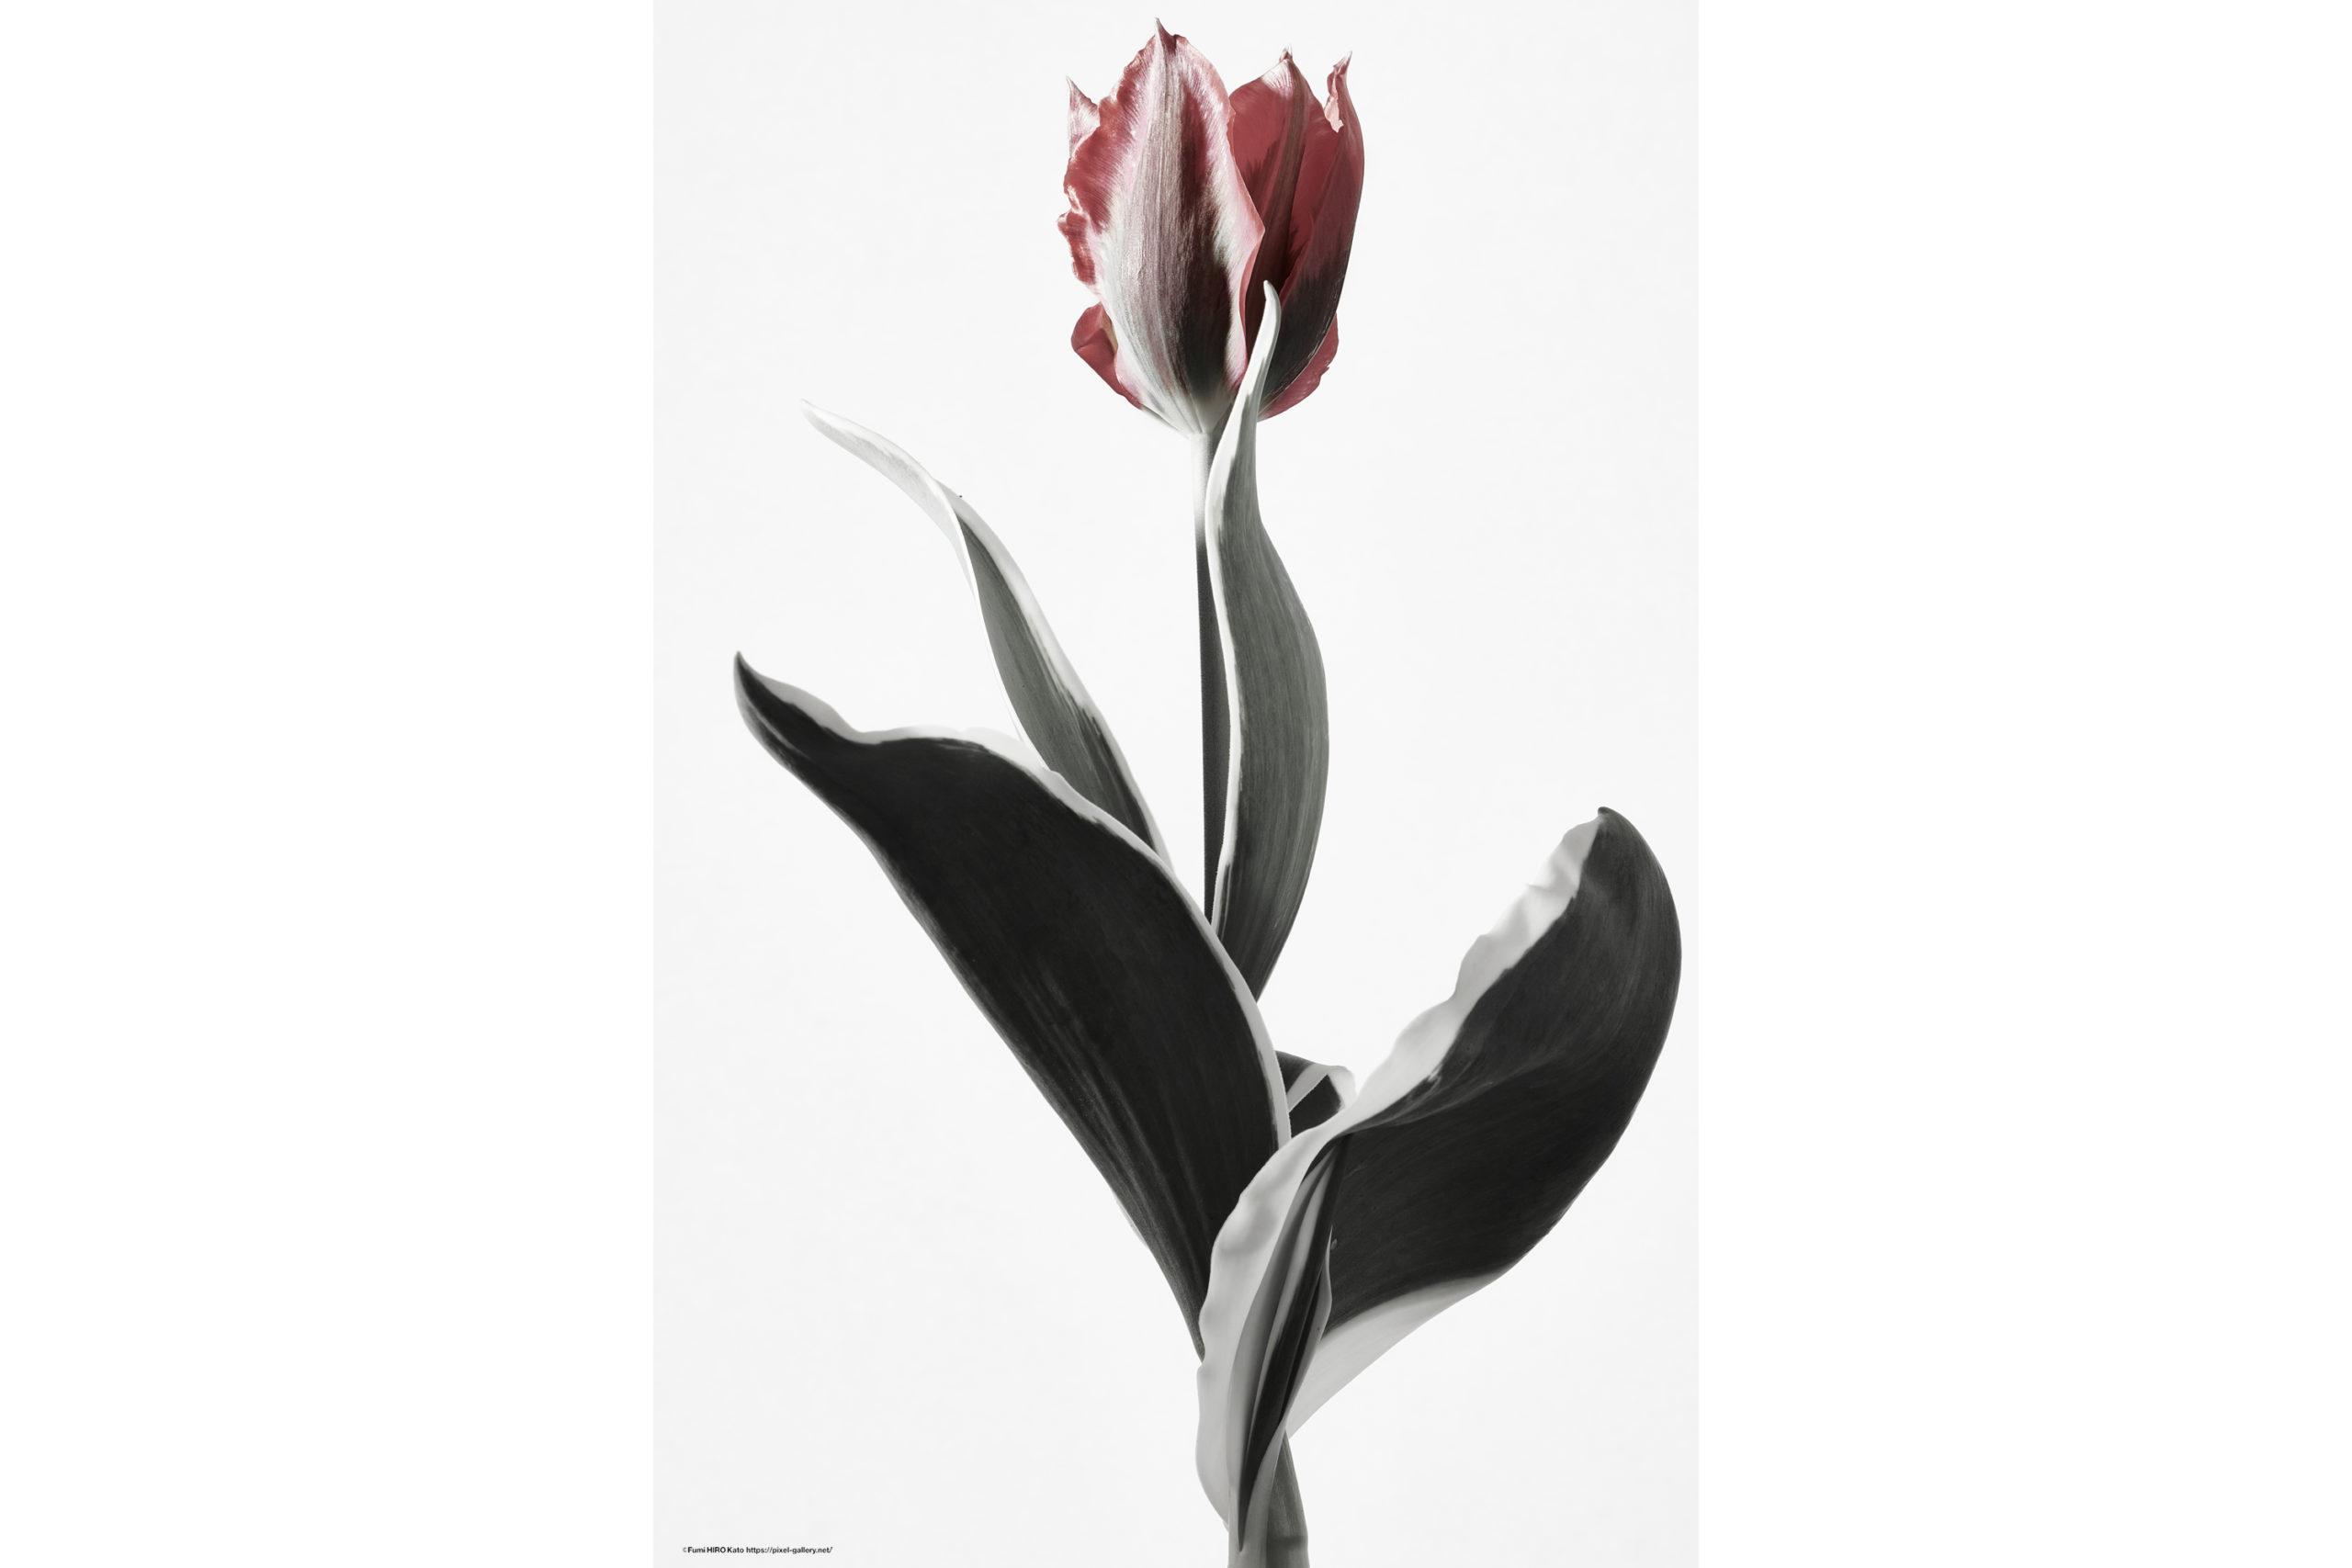 ハナ 2020-014 Tulip #5